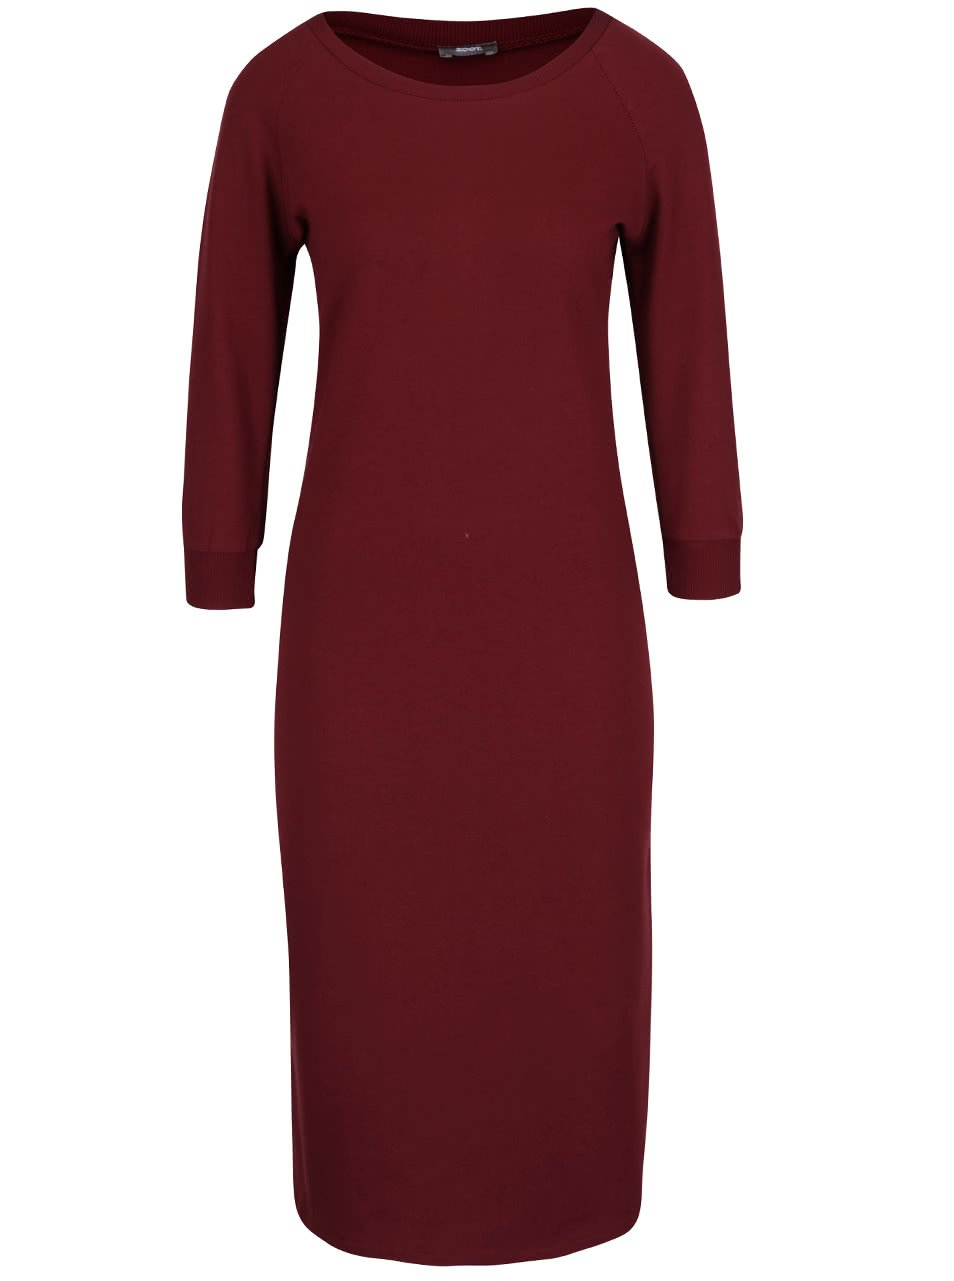 Vínové elastické šaty s 3/4 rukávy a rozparkem ZOOT